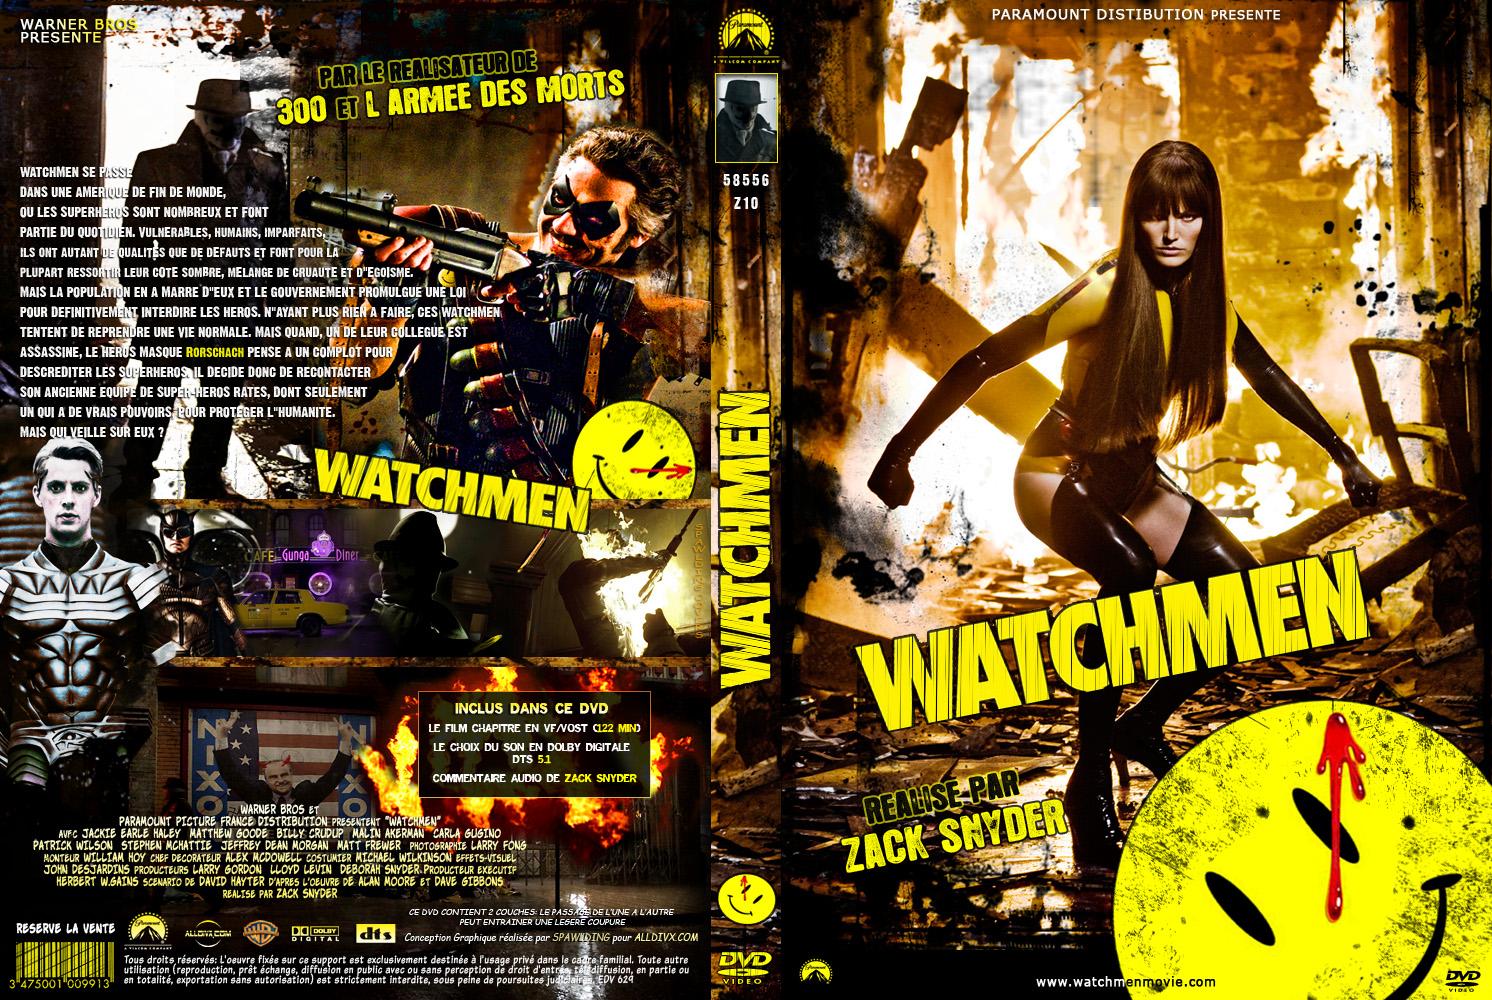 Watchmen Dvd Cover Wid...